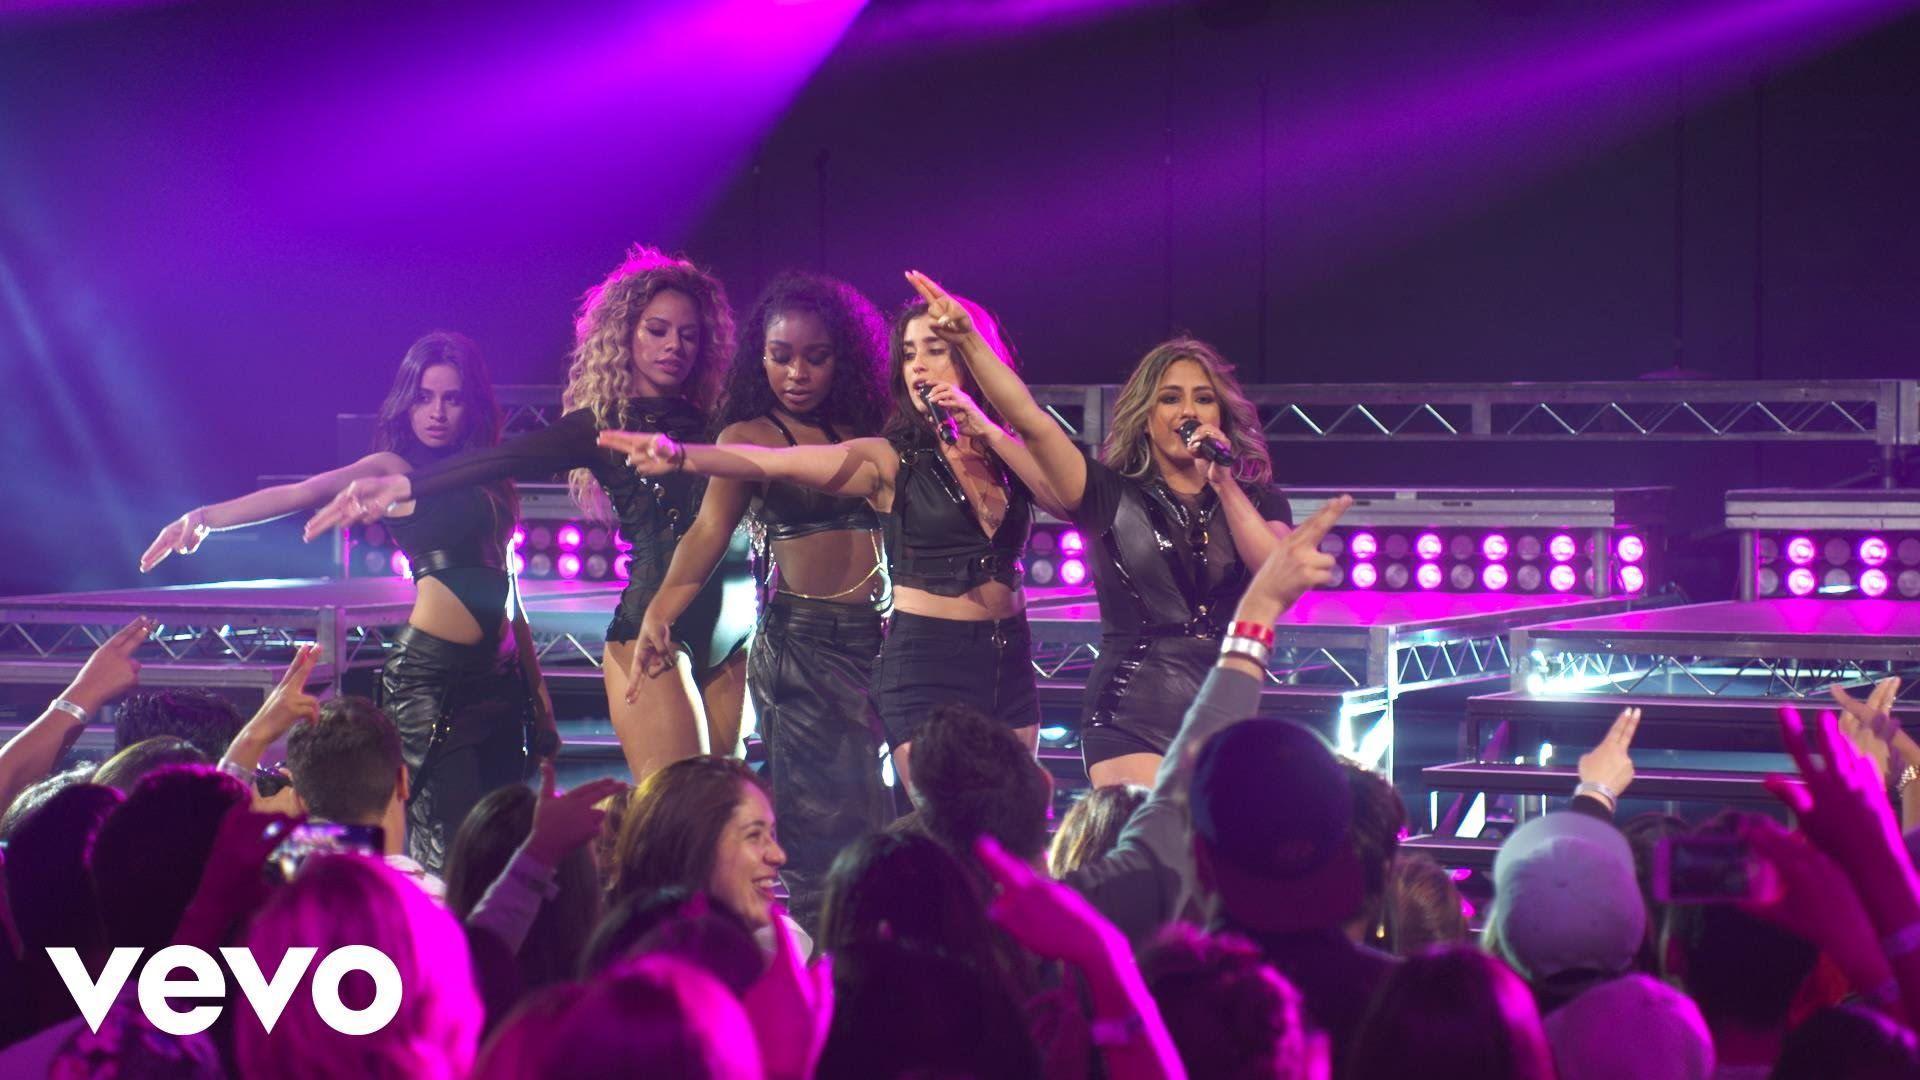 Fifth Harmony Bo Live On The Honda Stage At The Iheartradio Theater Fifth Harmony Harmony Songs Harmony